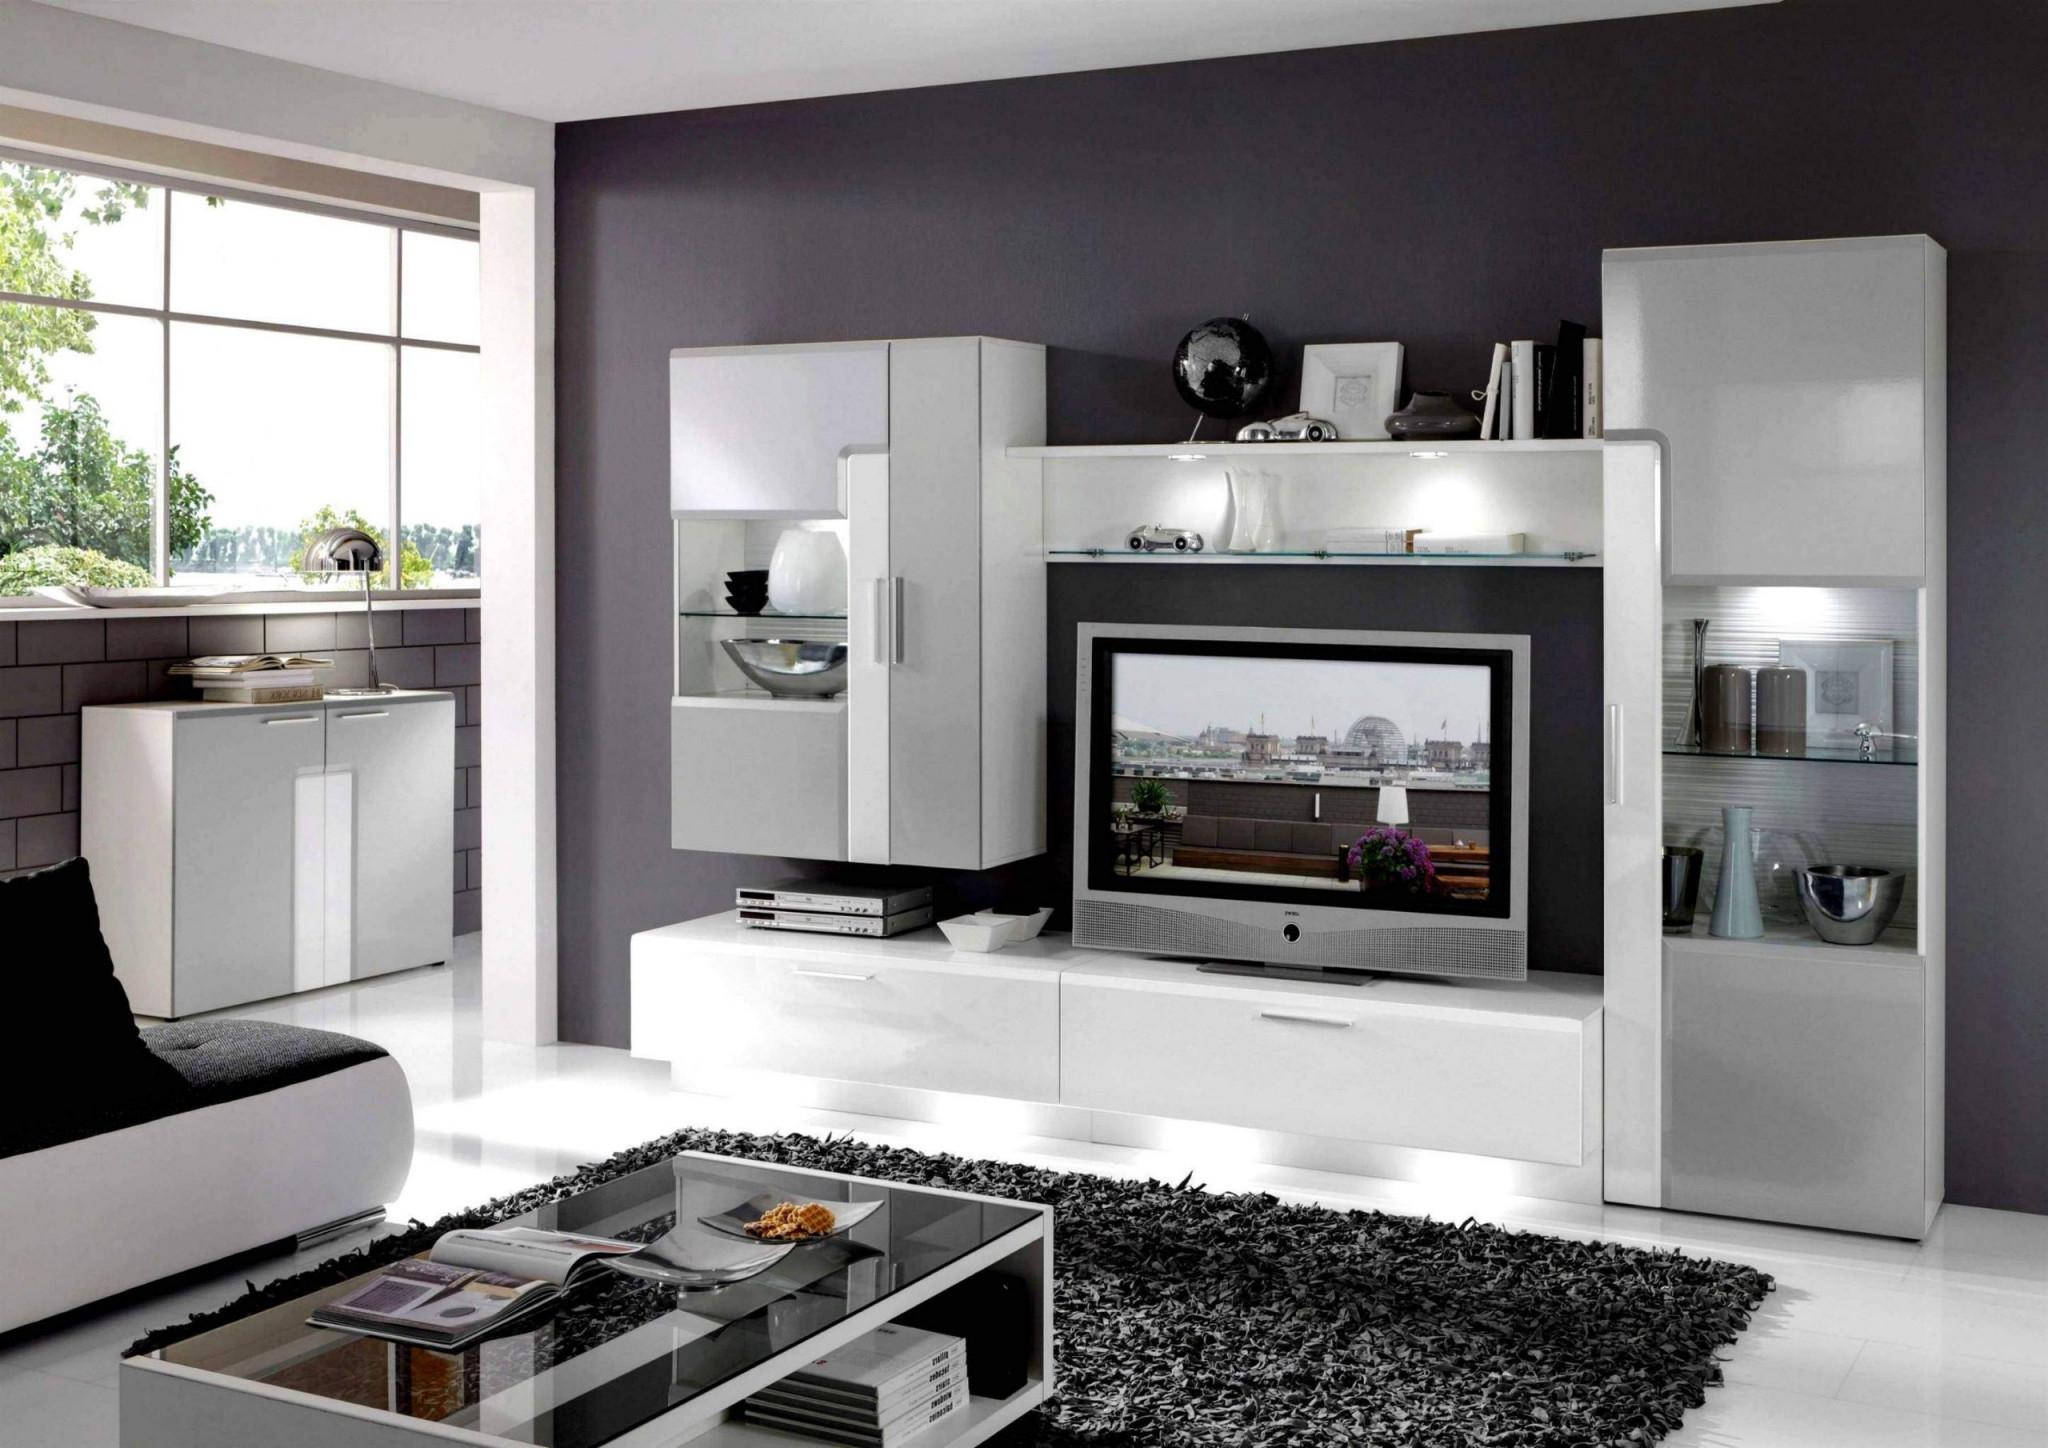 35 Einzigartig Wohnzimmer Gestalten Mit Farbe Inspirierend von Wohnzimmer Gestalten Mit Farbe Photo